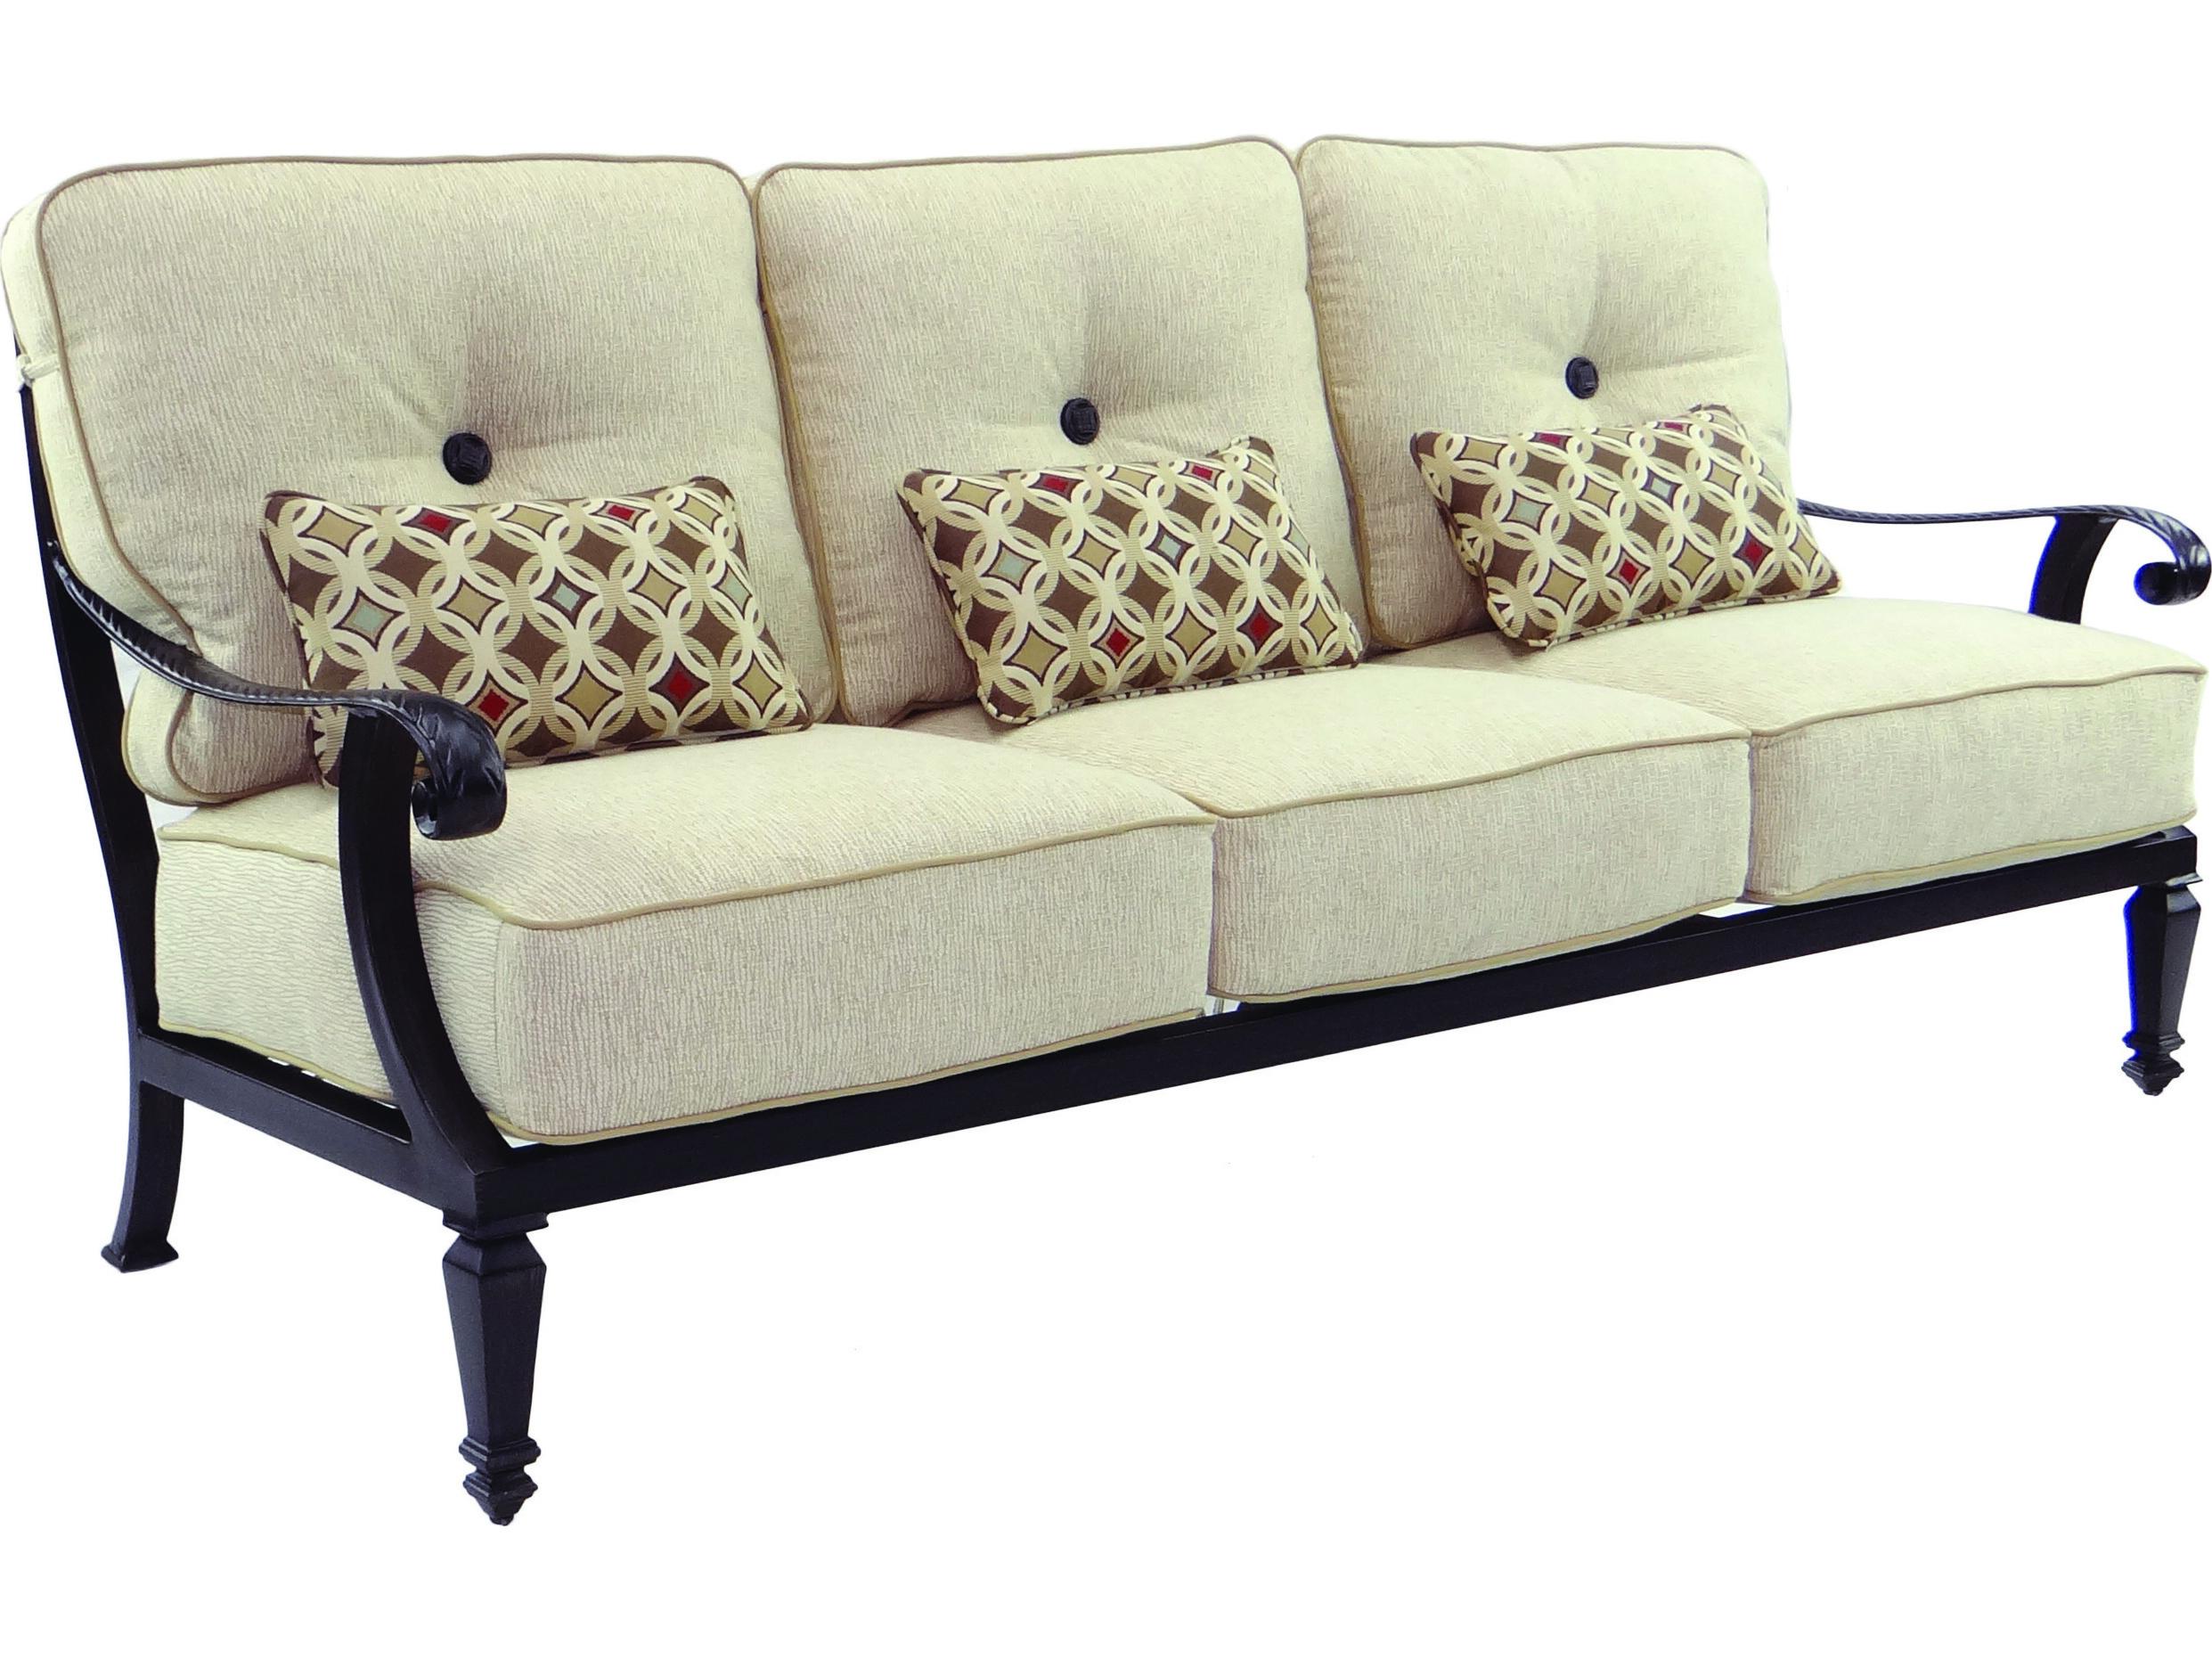 Castelle Bellagio Deep Seating Cast Aluminum Sofa With